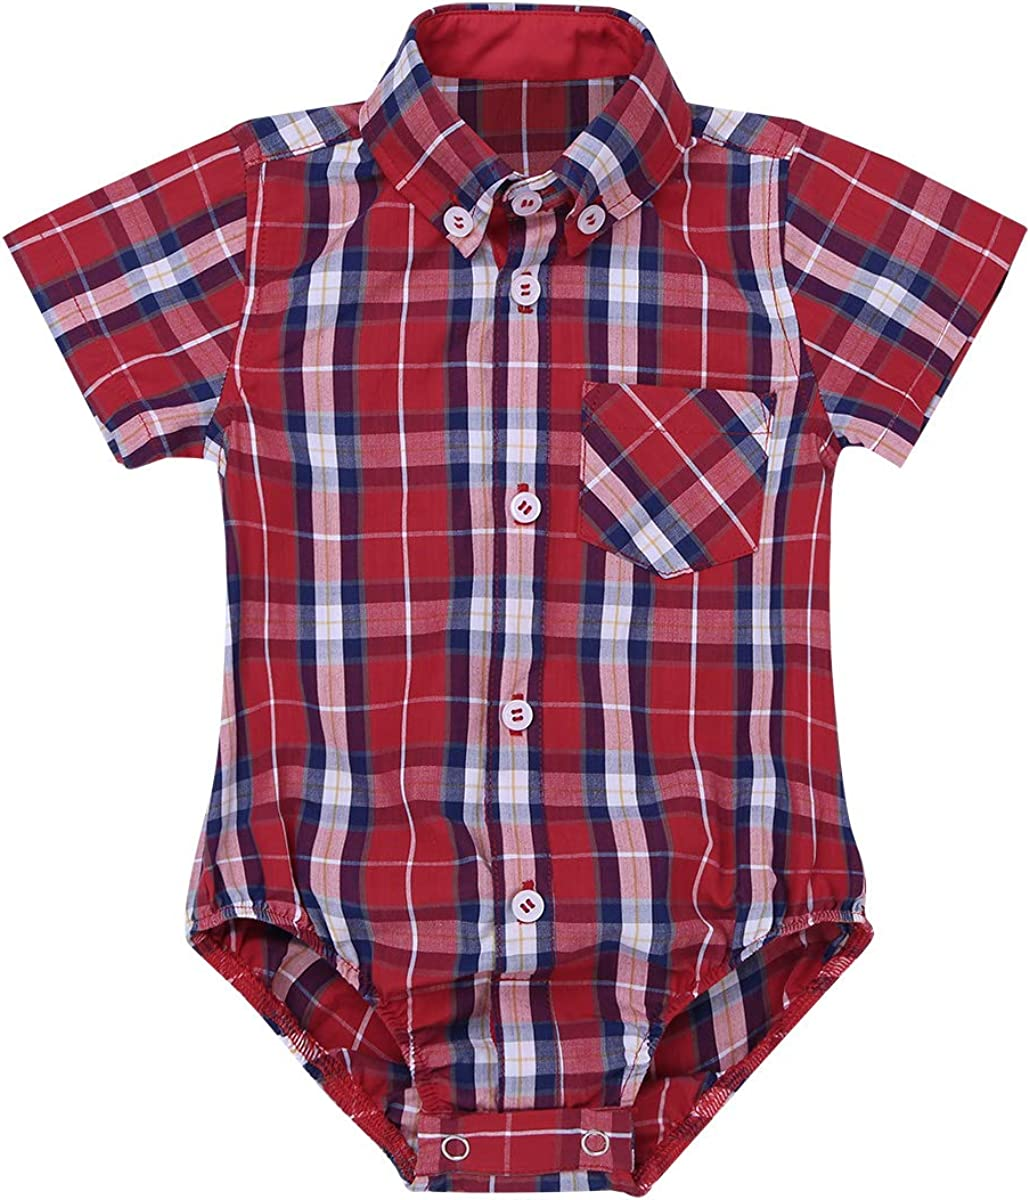 Agoky Baby Jungen Trachten Hemd Karriert Strampler Shirt Tops Kinder Trachtenhemd Kleinkind Overalls Freizeithemd Karohemd 3-24 Monate